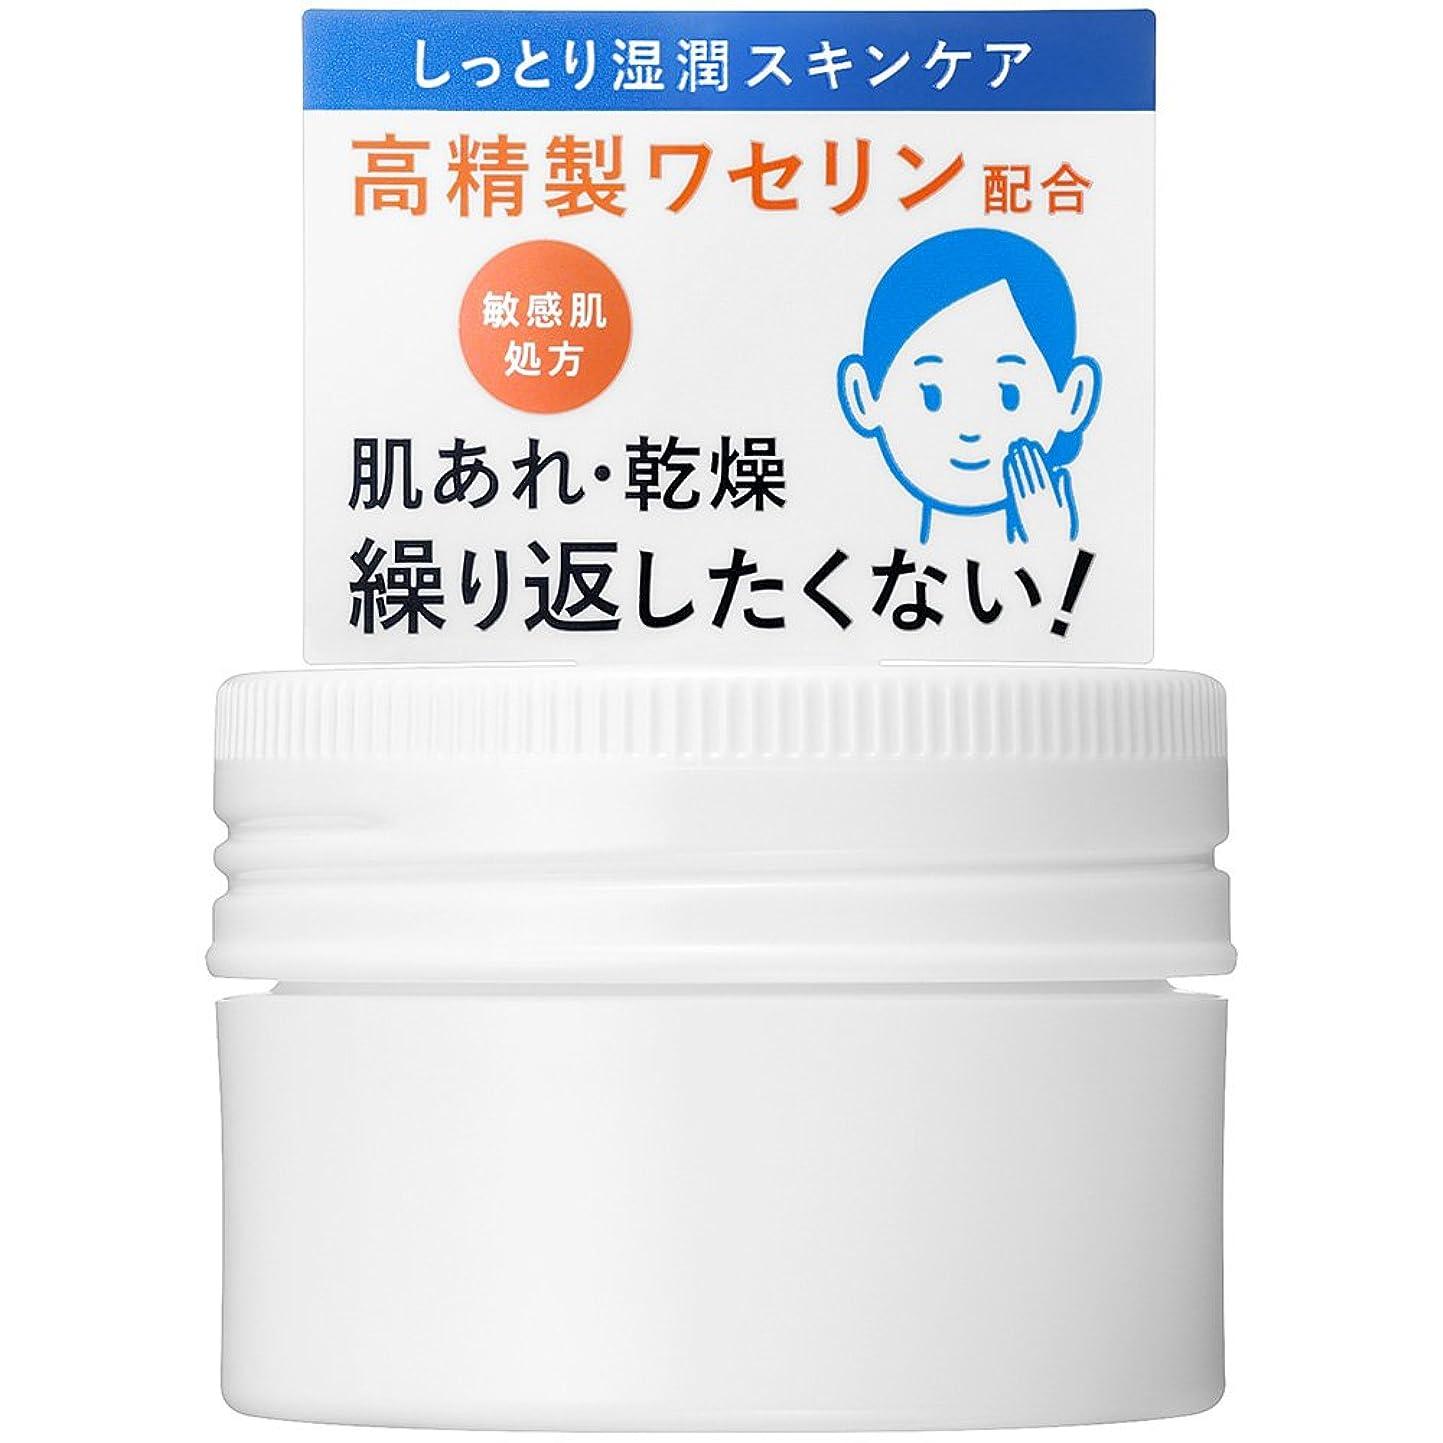 蜂面不屈【医薬部外品】イハダ 薬用とろけるべたつかないバーム 高精製ワセリン配合 20g